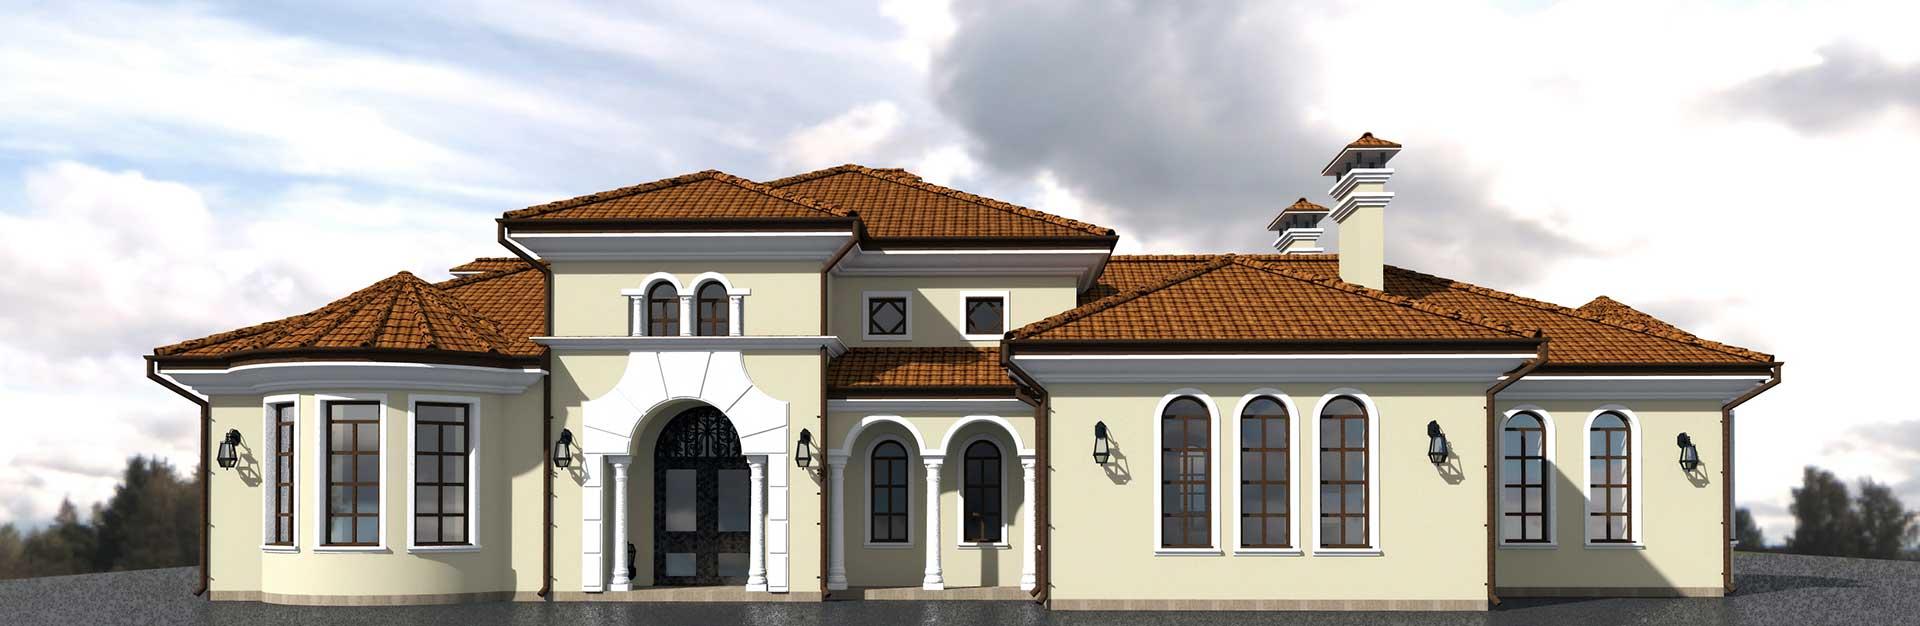 Жилой дом в г. Бар (фото 6)